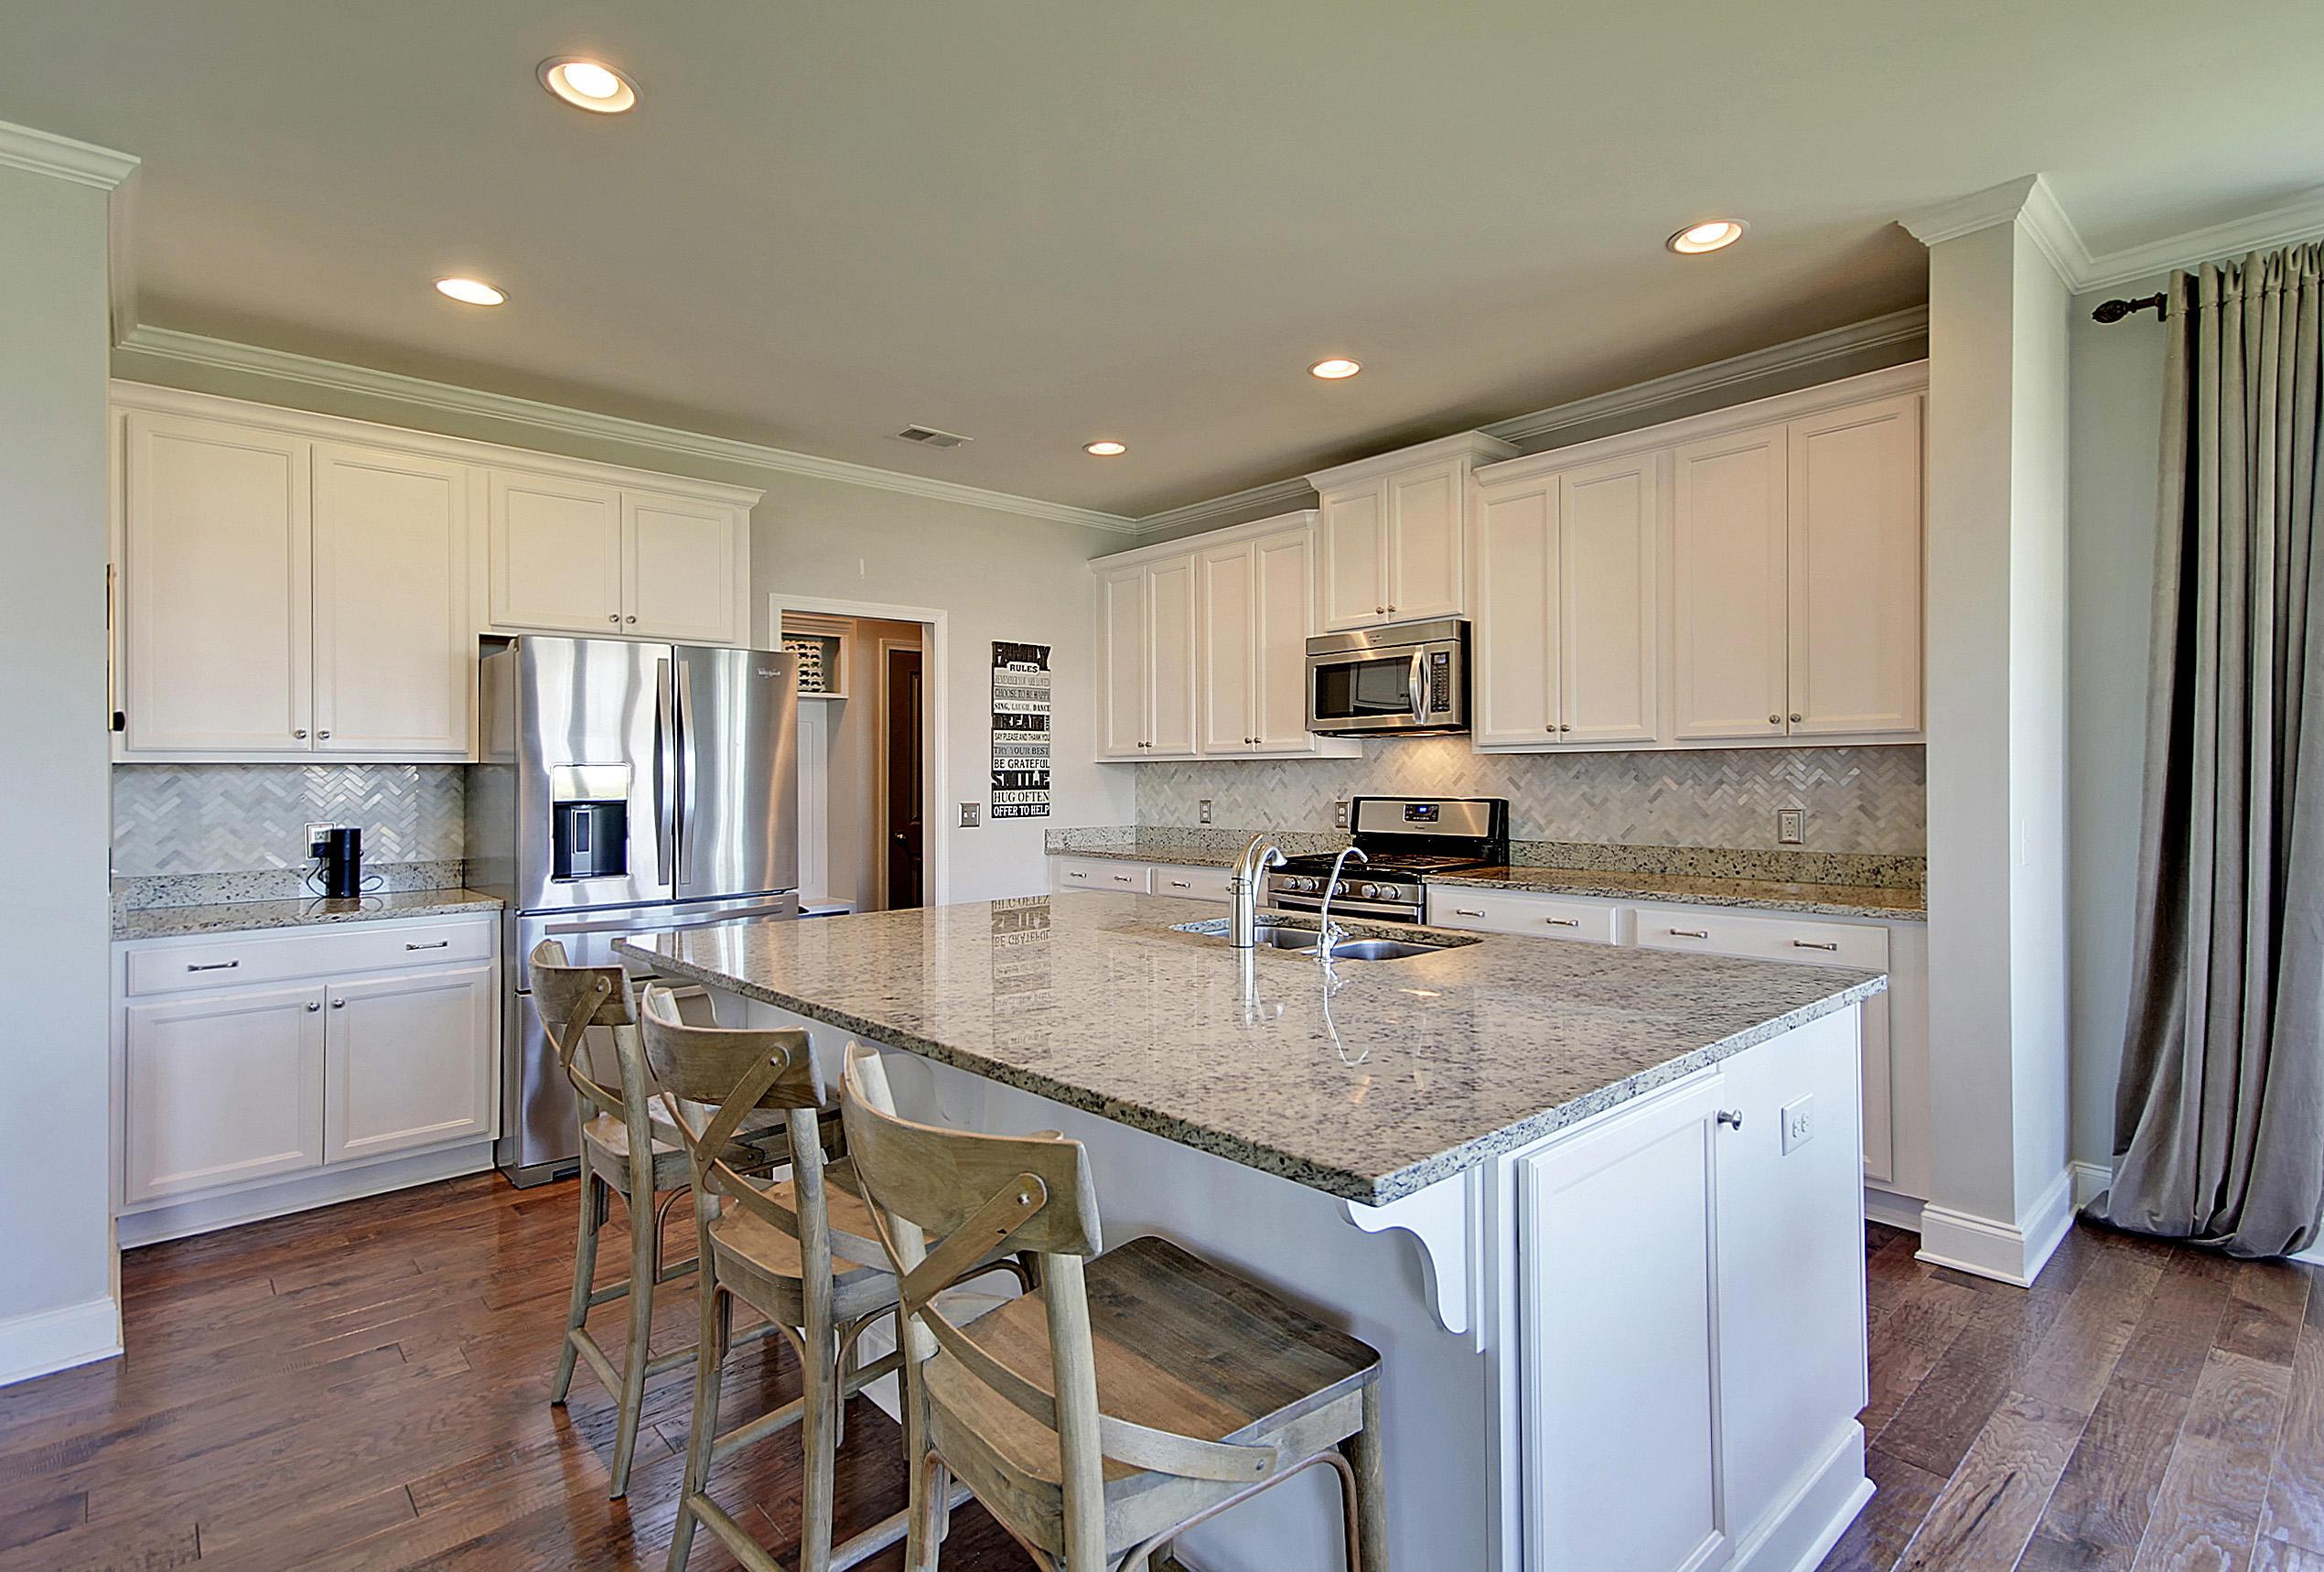 Dunes West Homes For Sale - 1420 Trip Line, Mount Pleasant, SC - 17